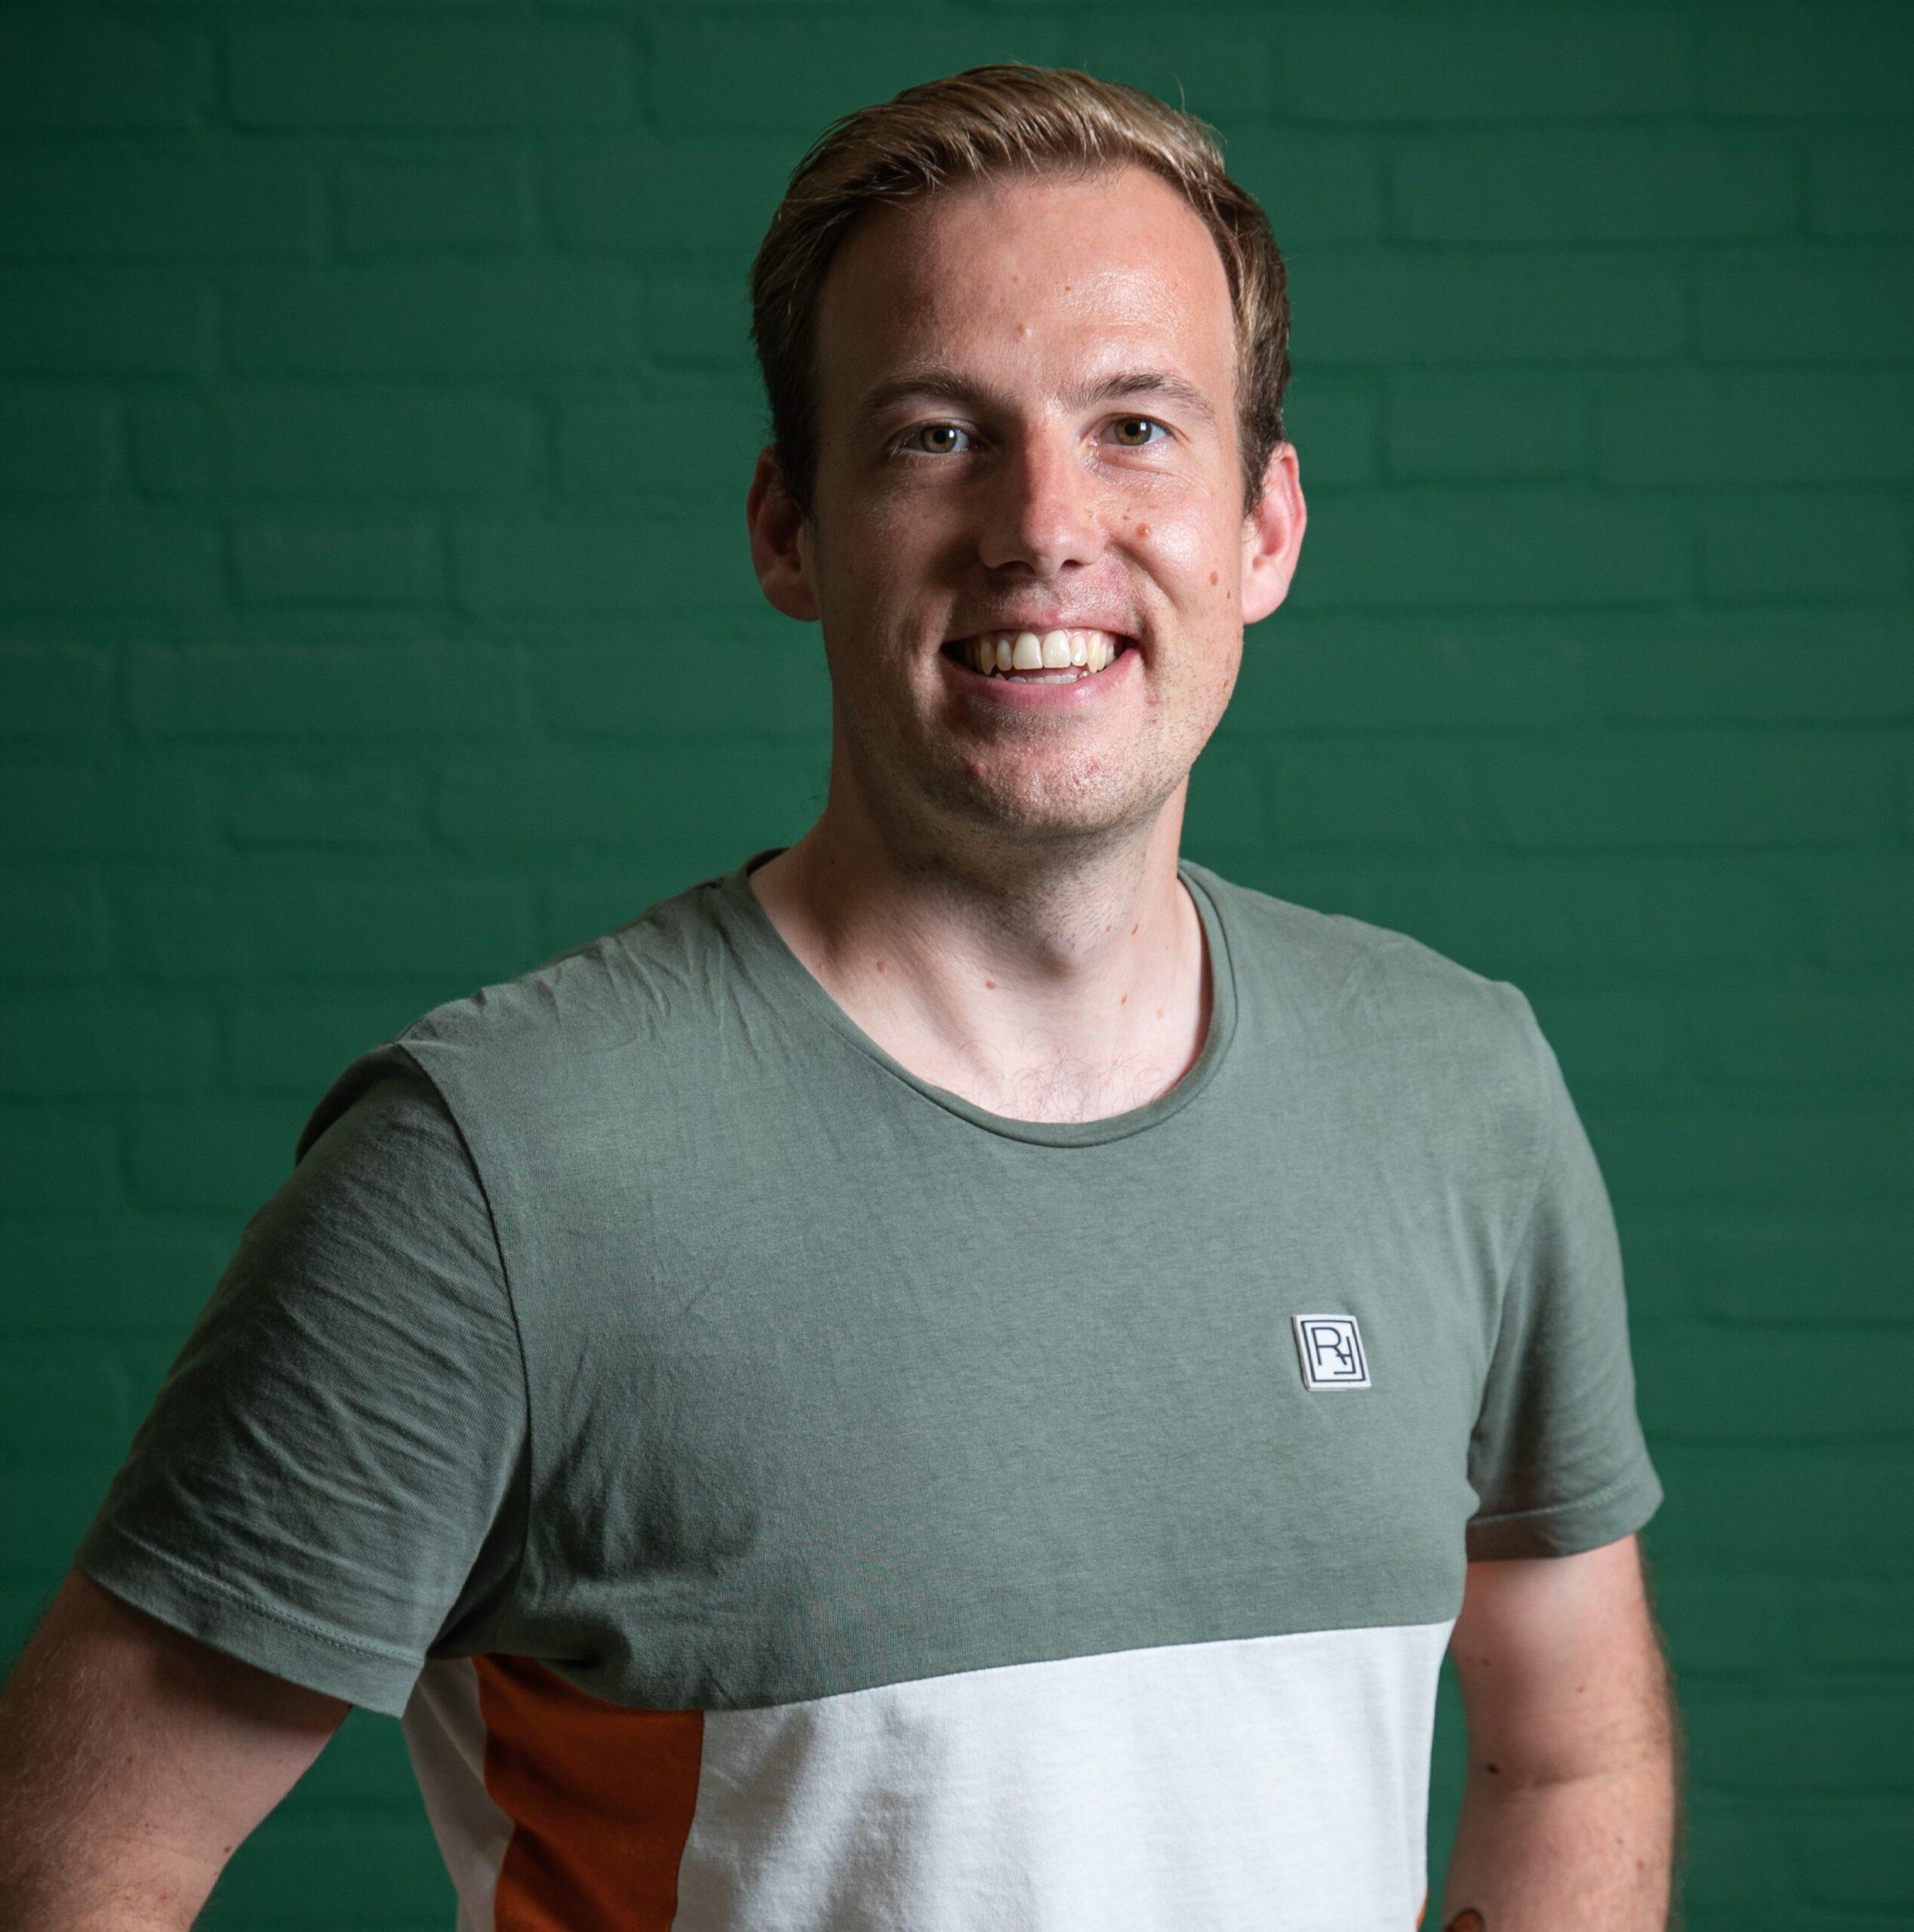 Bjorn Janssen